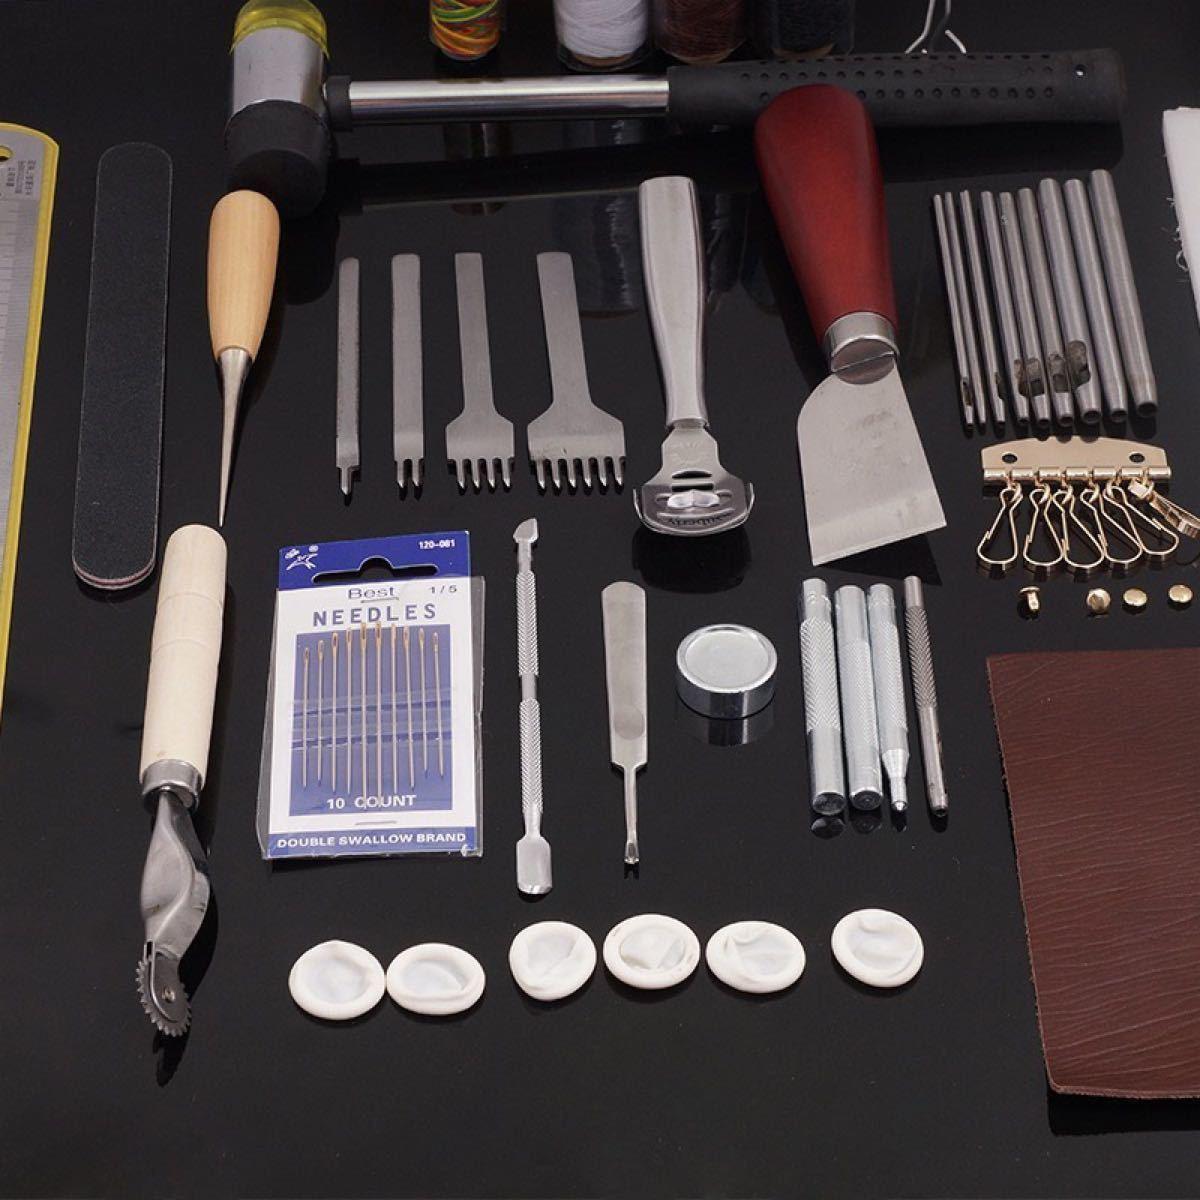 レザークラフト工具セット初心者豪華42点セット 革細工 切削工具 手縫い目打ち穴あけポンチ各種道具スナップ ホック革そぎ器 工具